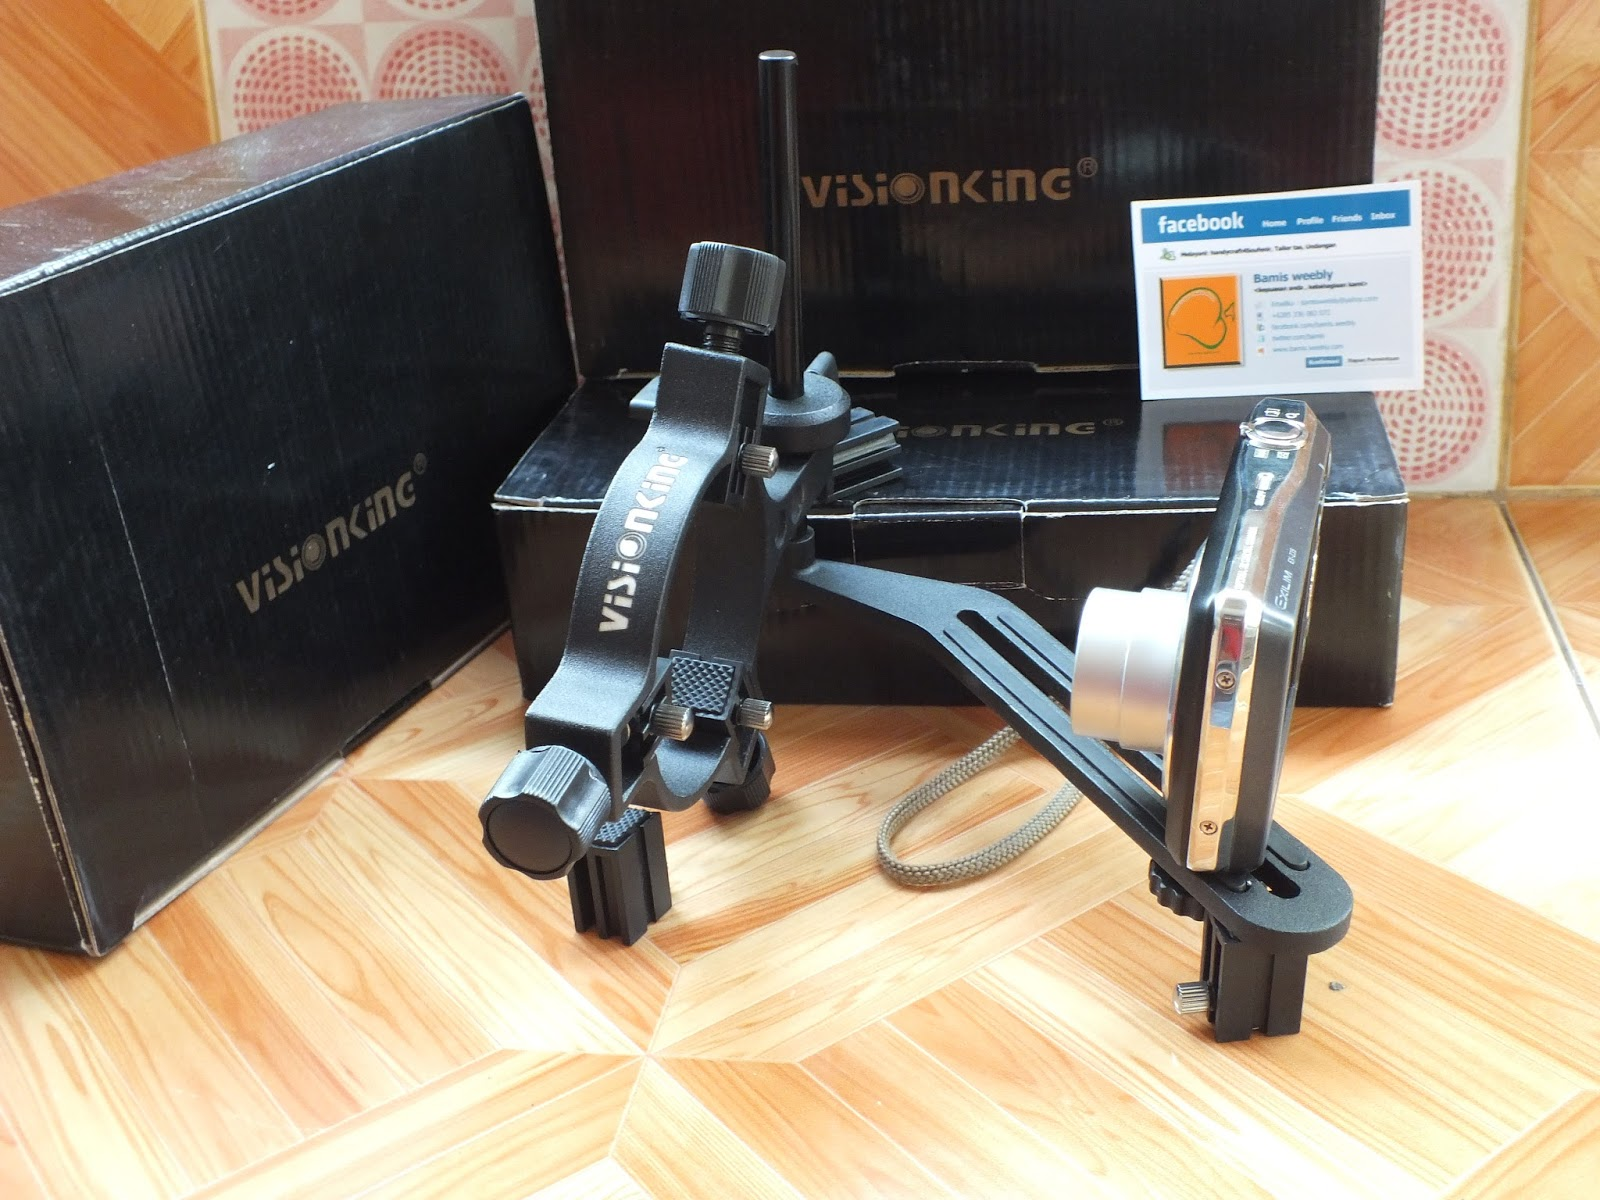 Toko senapan angin: dudukan kamera untuk telescope senapan visionking